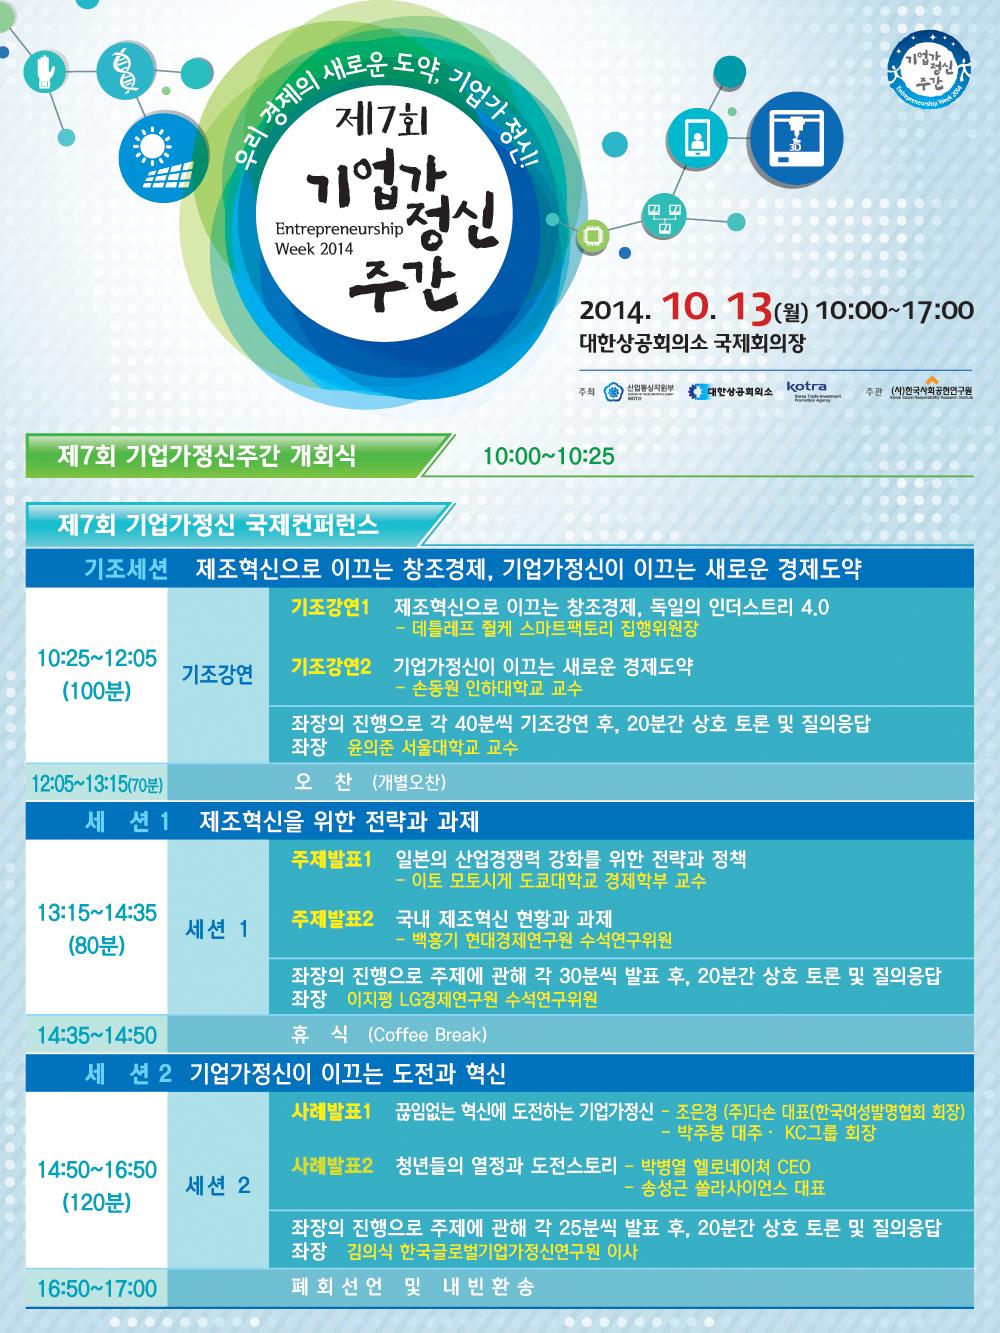 제7회 기업가정신주간 개회식 및 국제컨퍼런스 개최